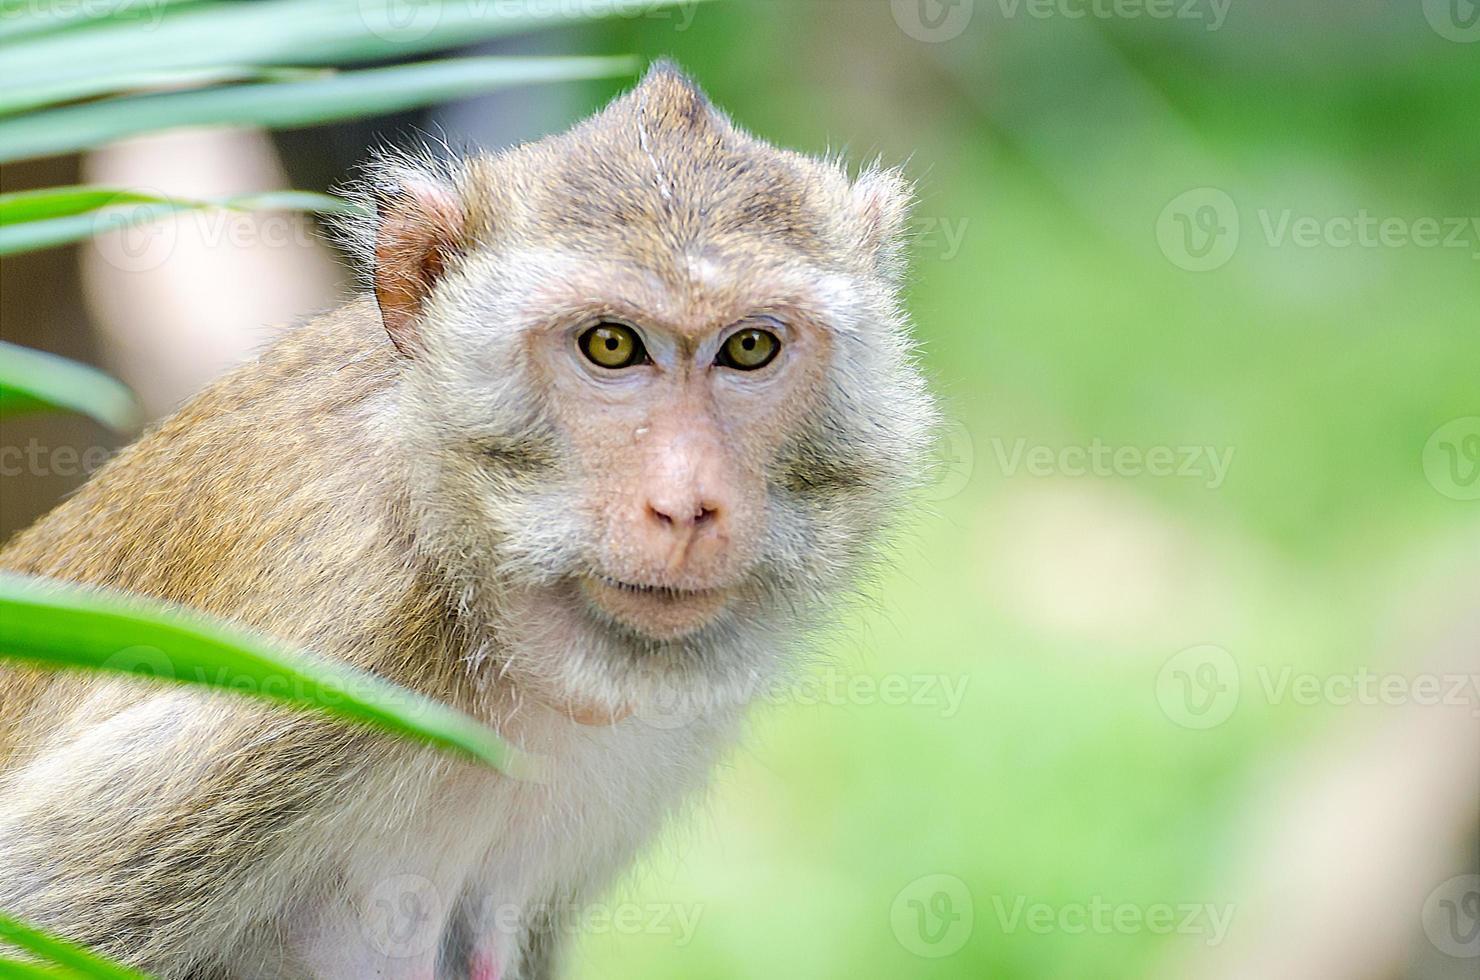 macaco-de-cauda-porco (macaca nemestring) foto